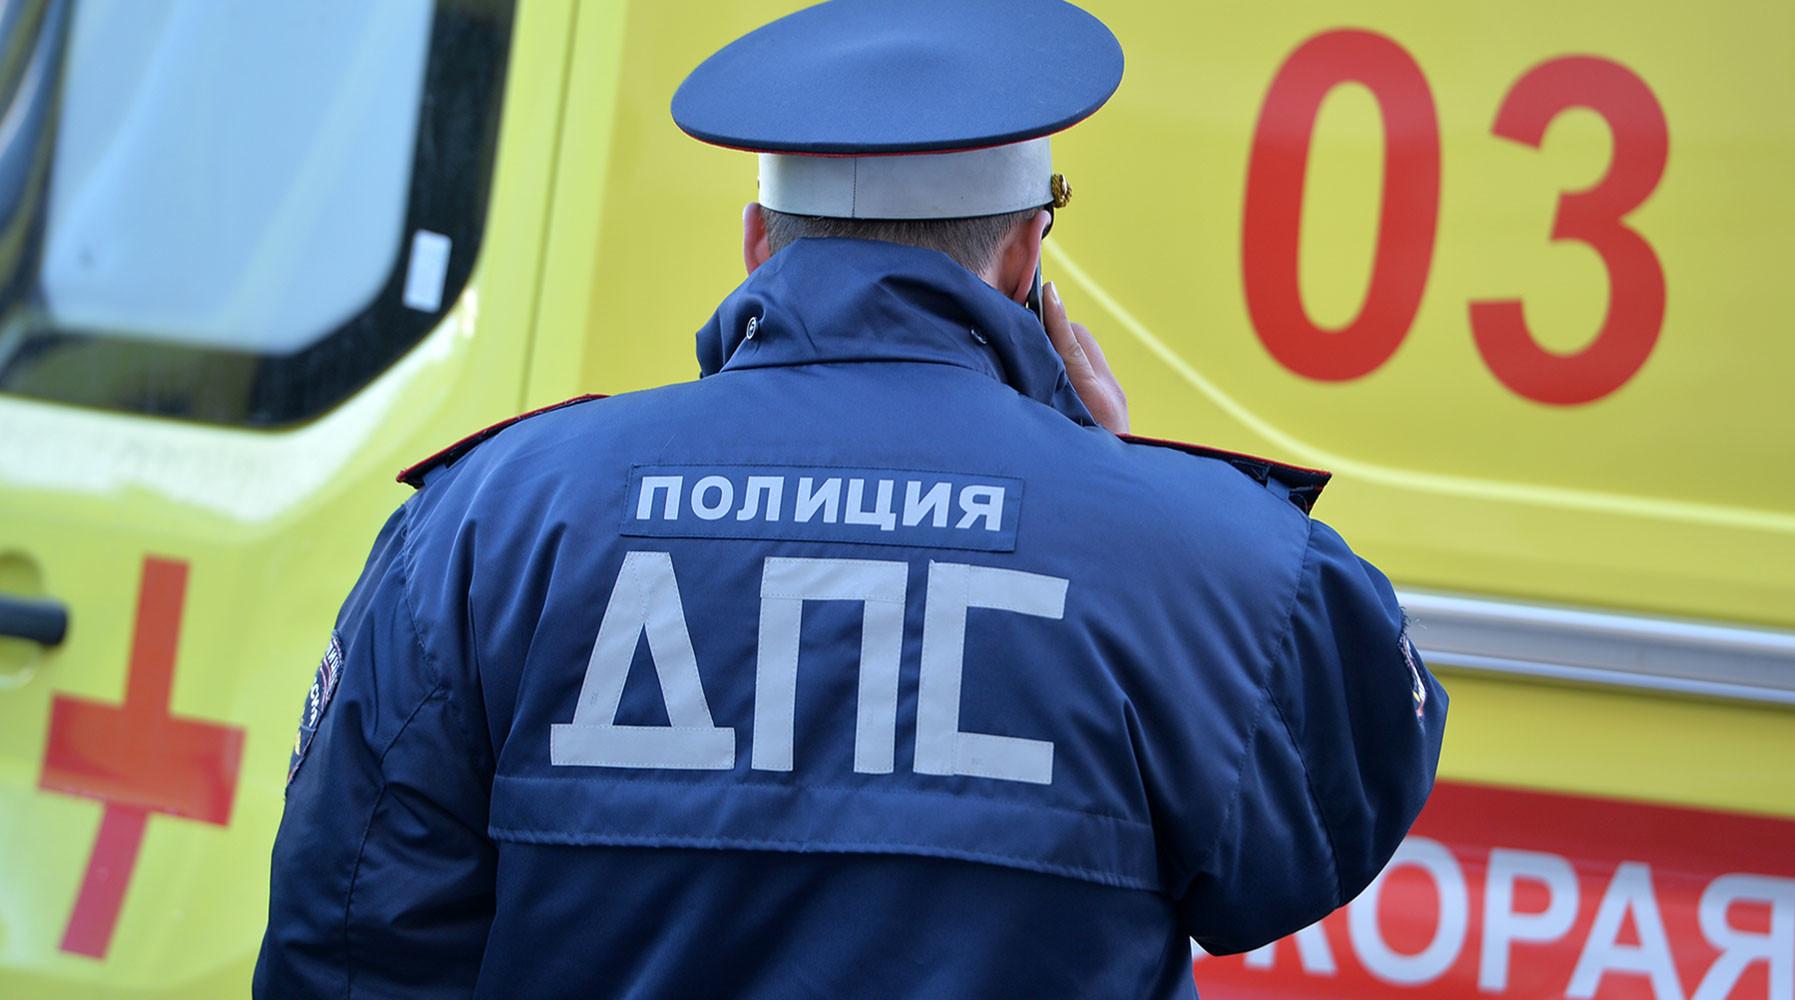 Автокатастрофа в Забайкалье: при крушении пассажирского автобуса погибли 11 человек